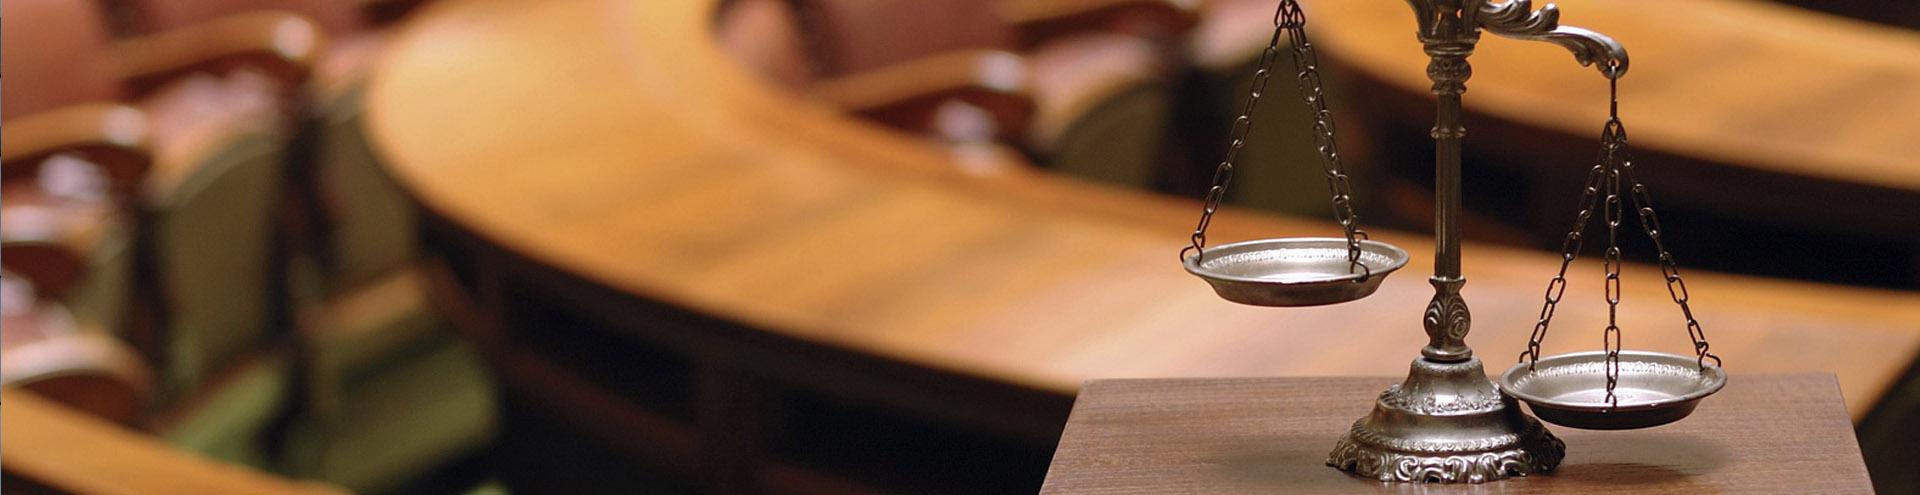 Представительство в арбитражном суде в Йошкар-Оле и Республике Марий Эл